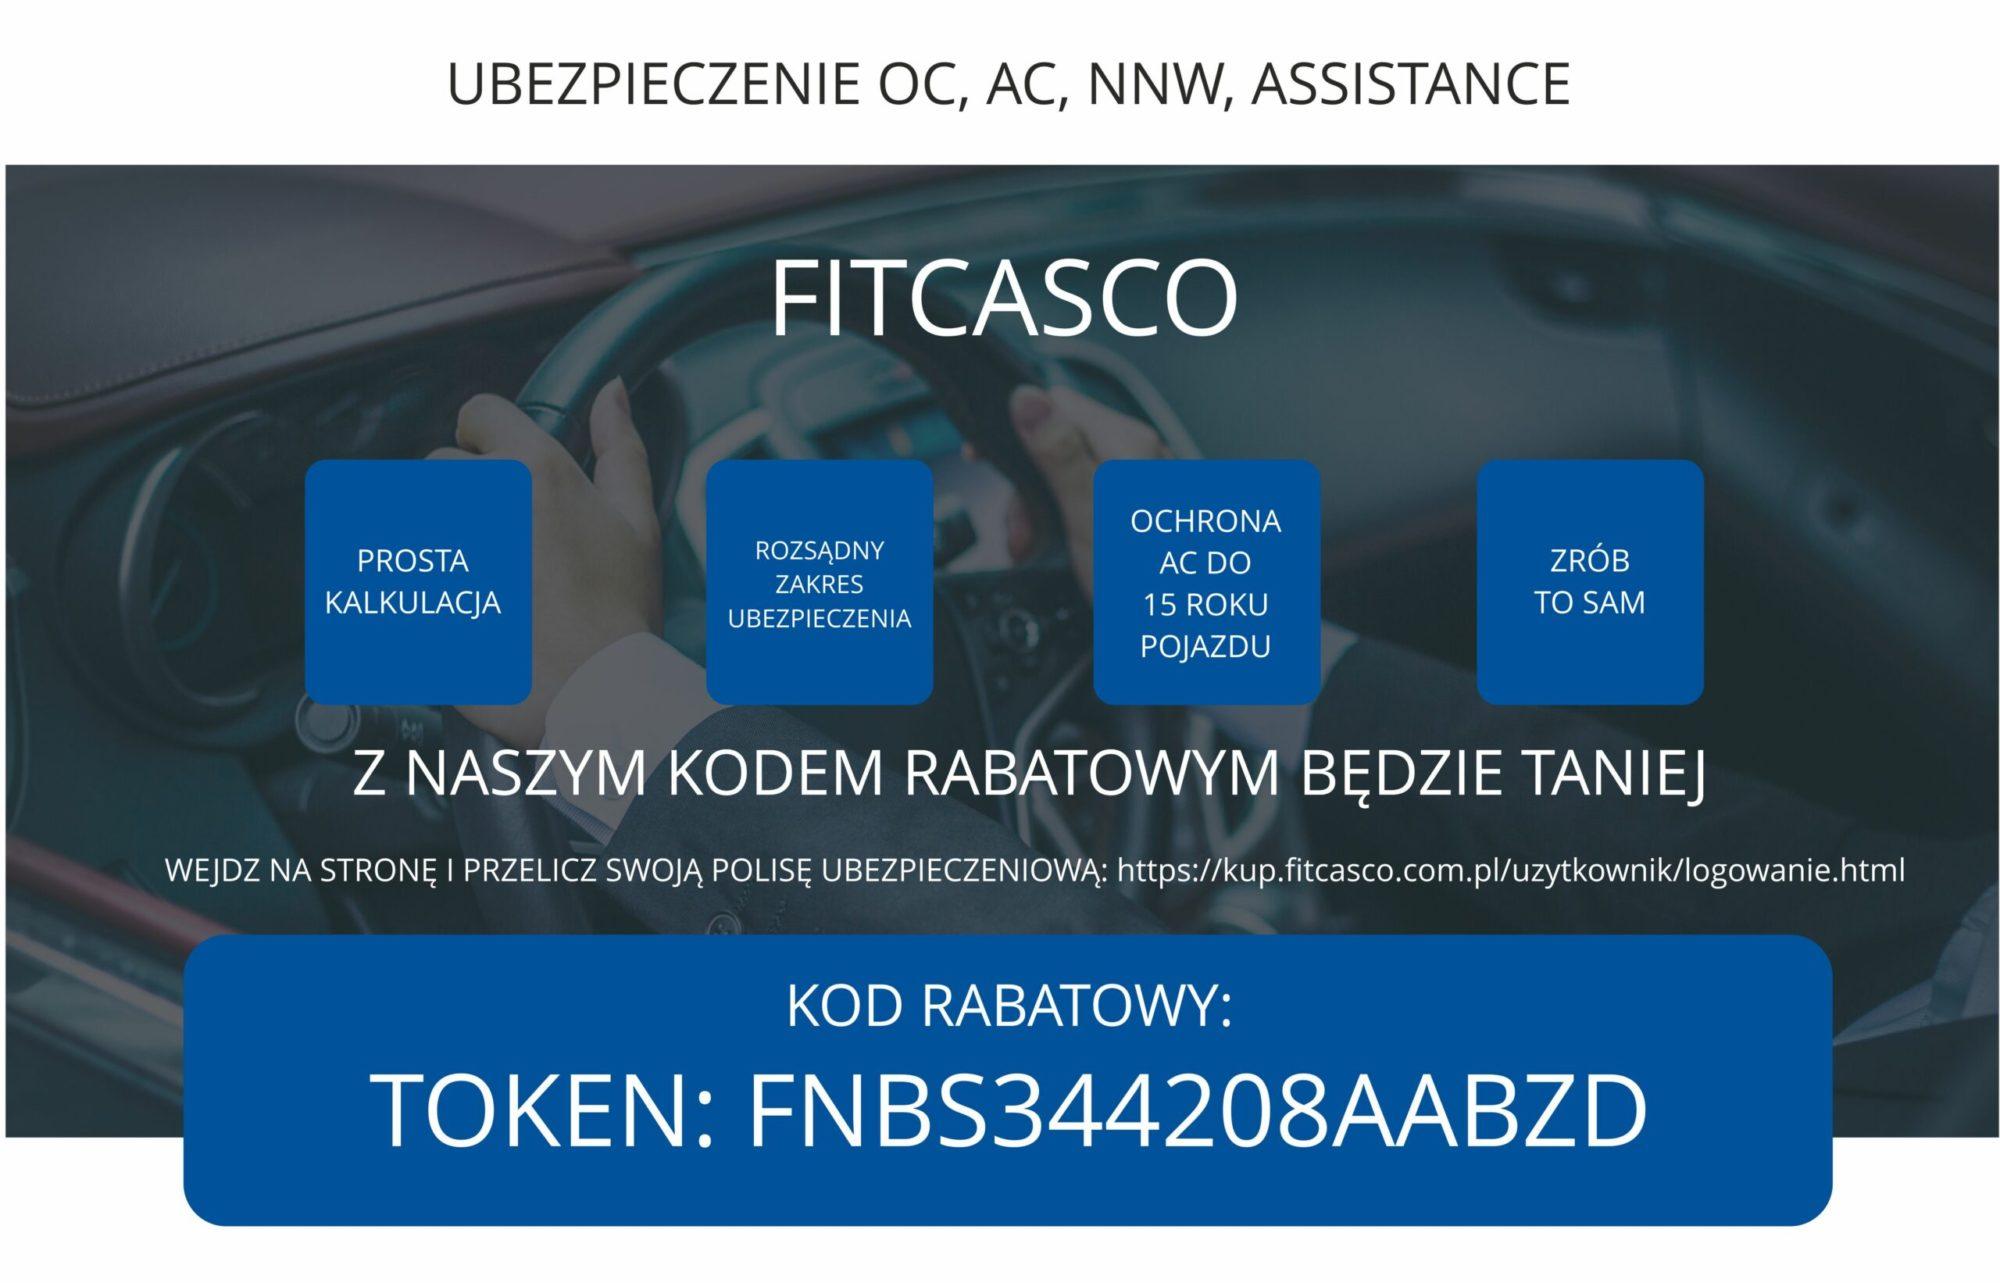 Z nami ubezpieczysz samochód Taniej!